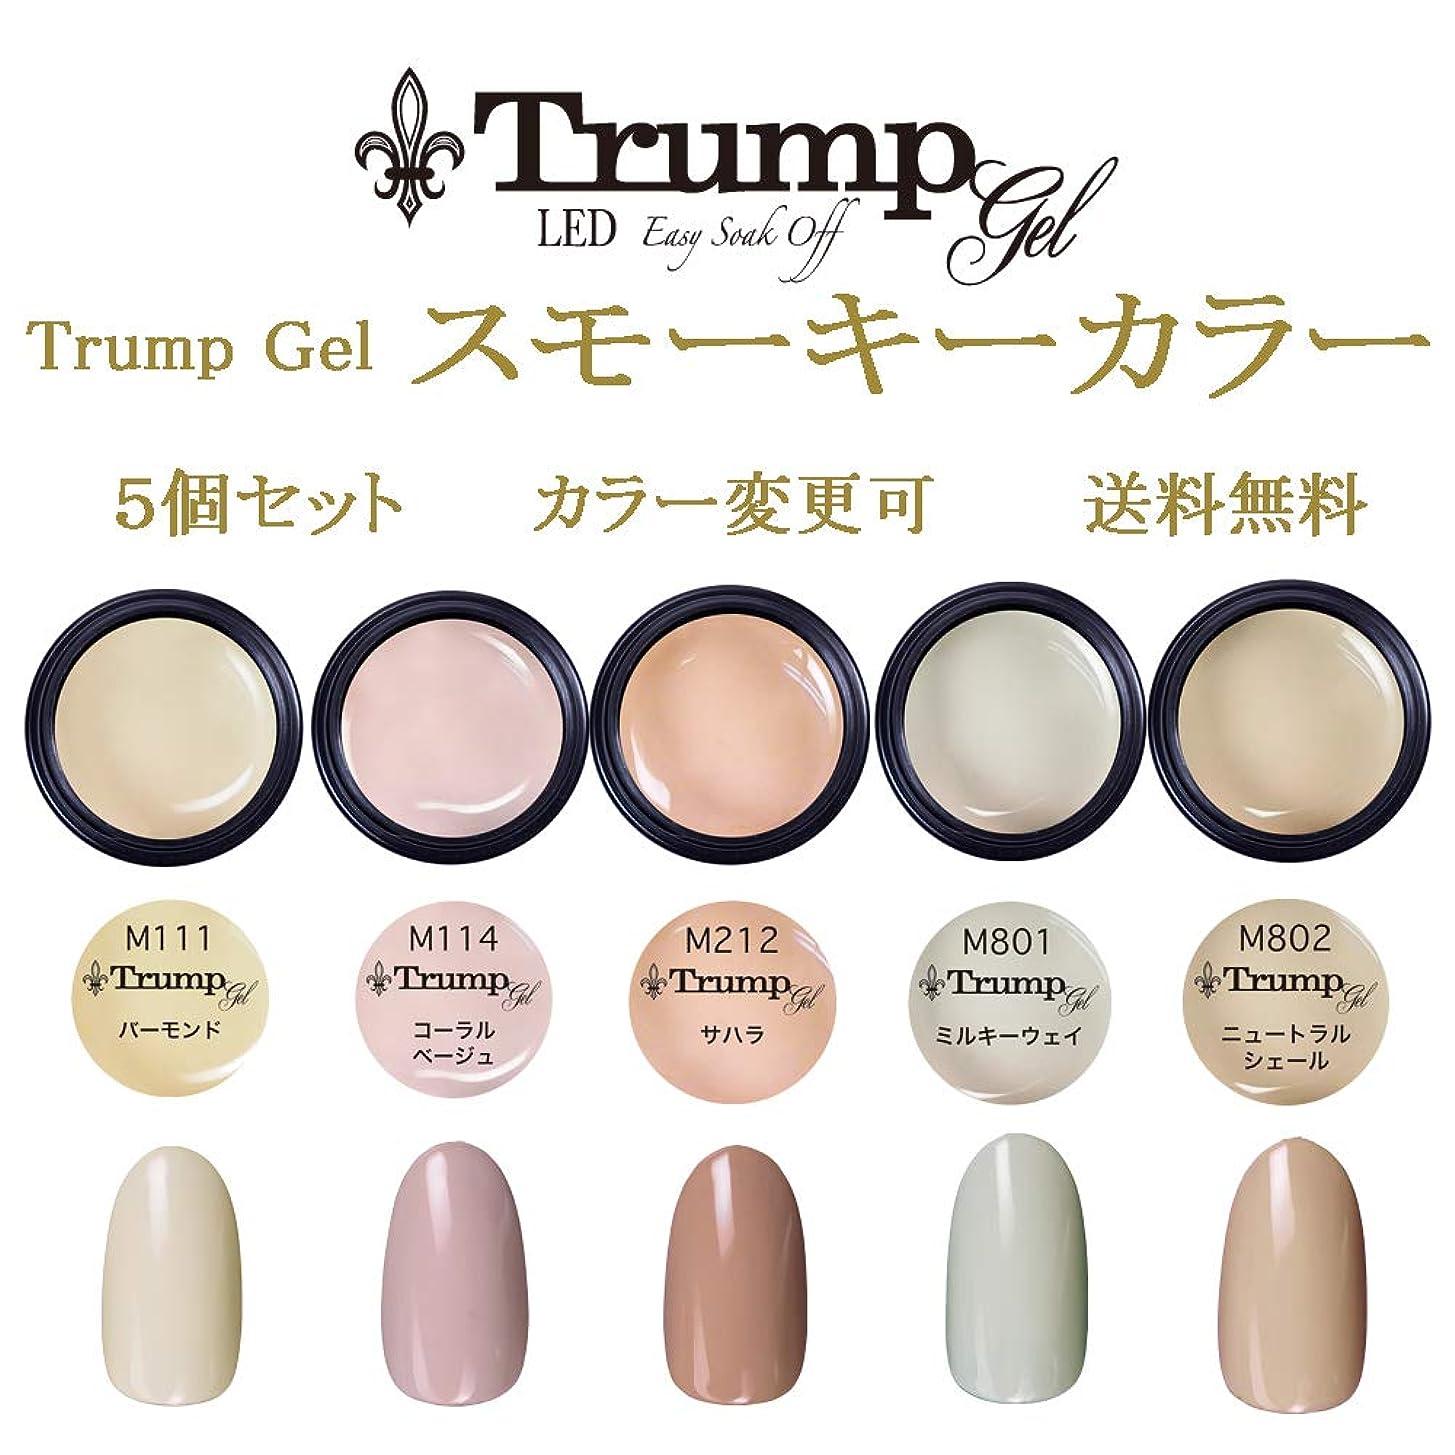 聖書独立してぶら下がる日本製 Trump gel トランプジェル スモーキーカラー 選べる カラージェル 5個セット スモーク ベージュ グレー ブラウン ピンク